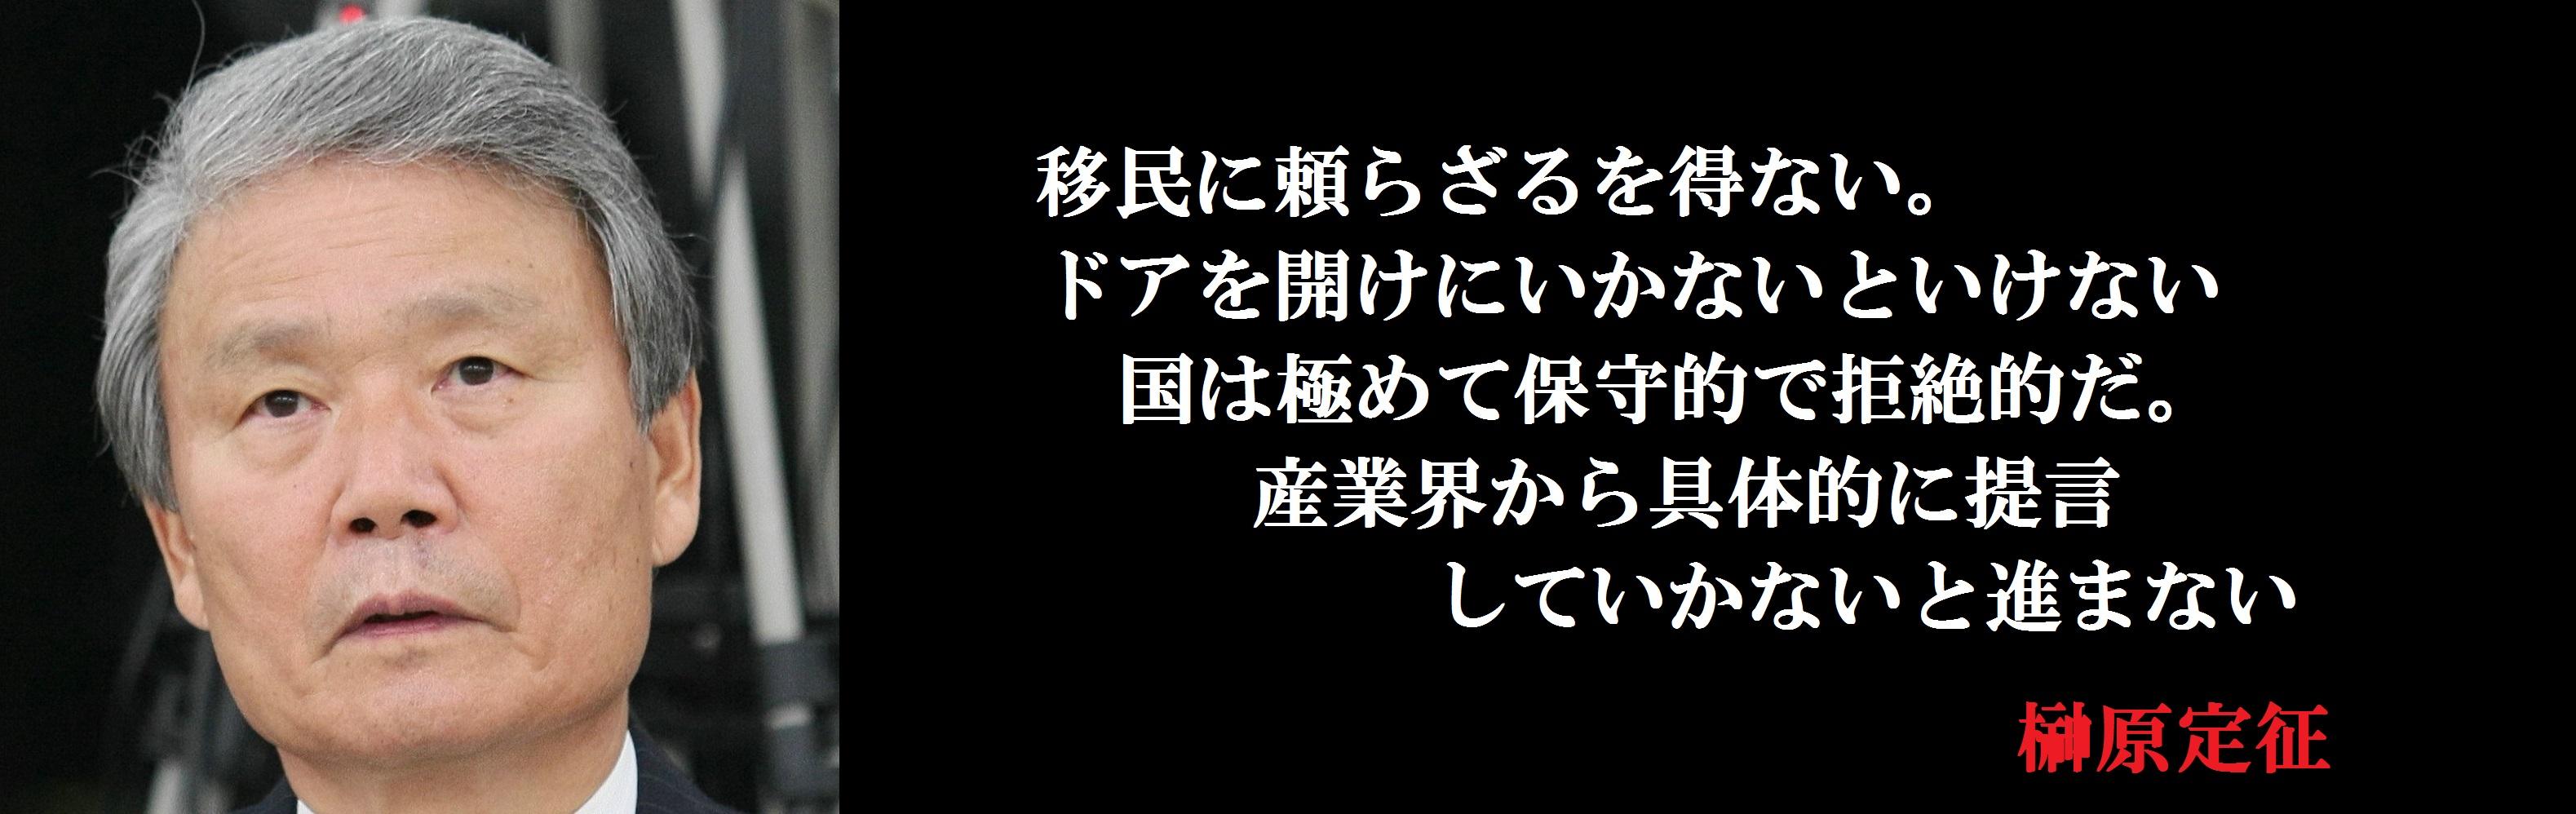 f:id:JAPbuster:20160911140234j:plain